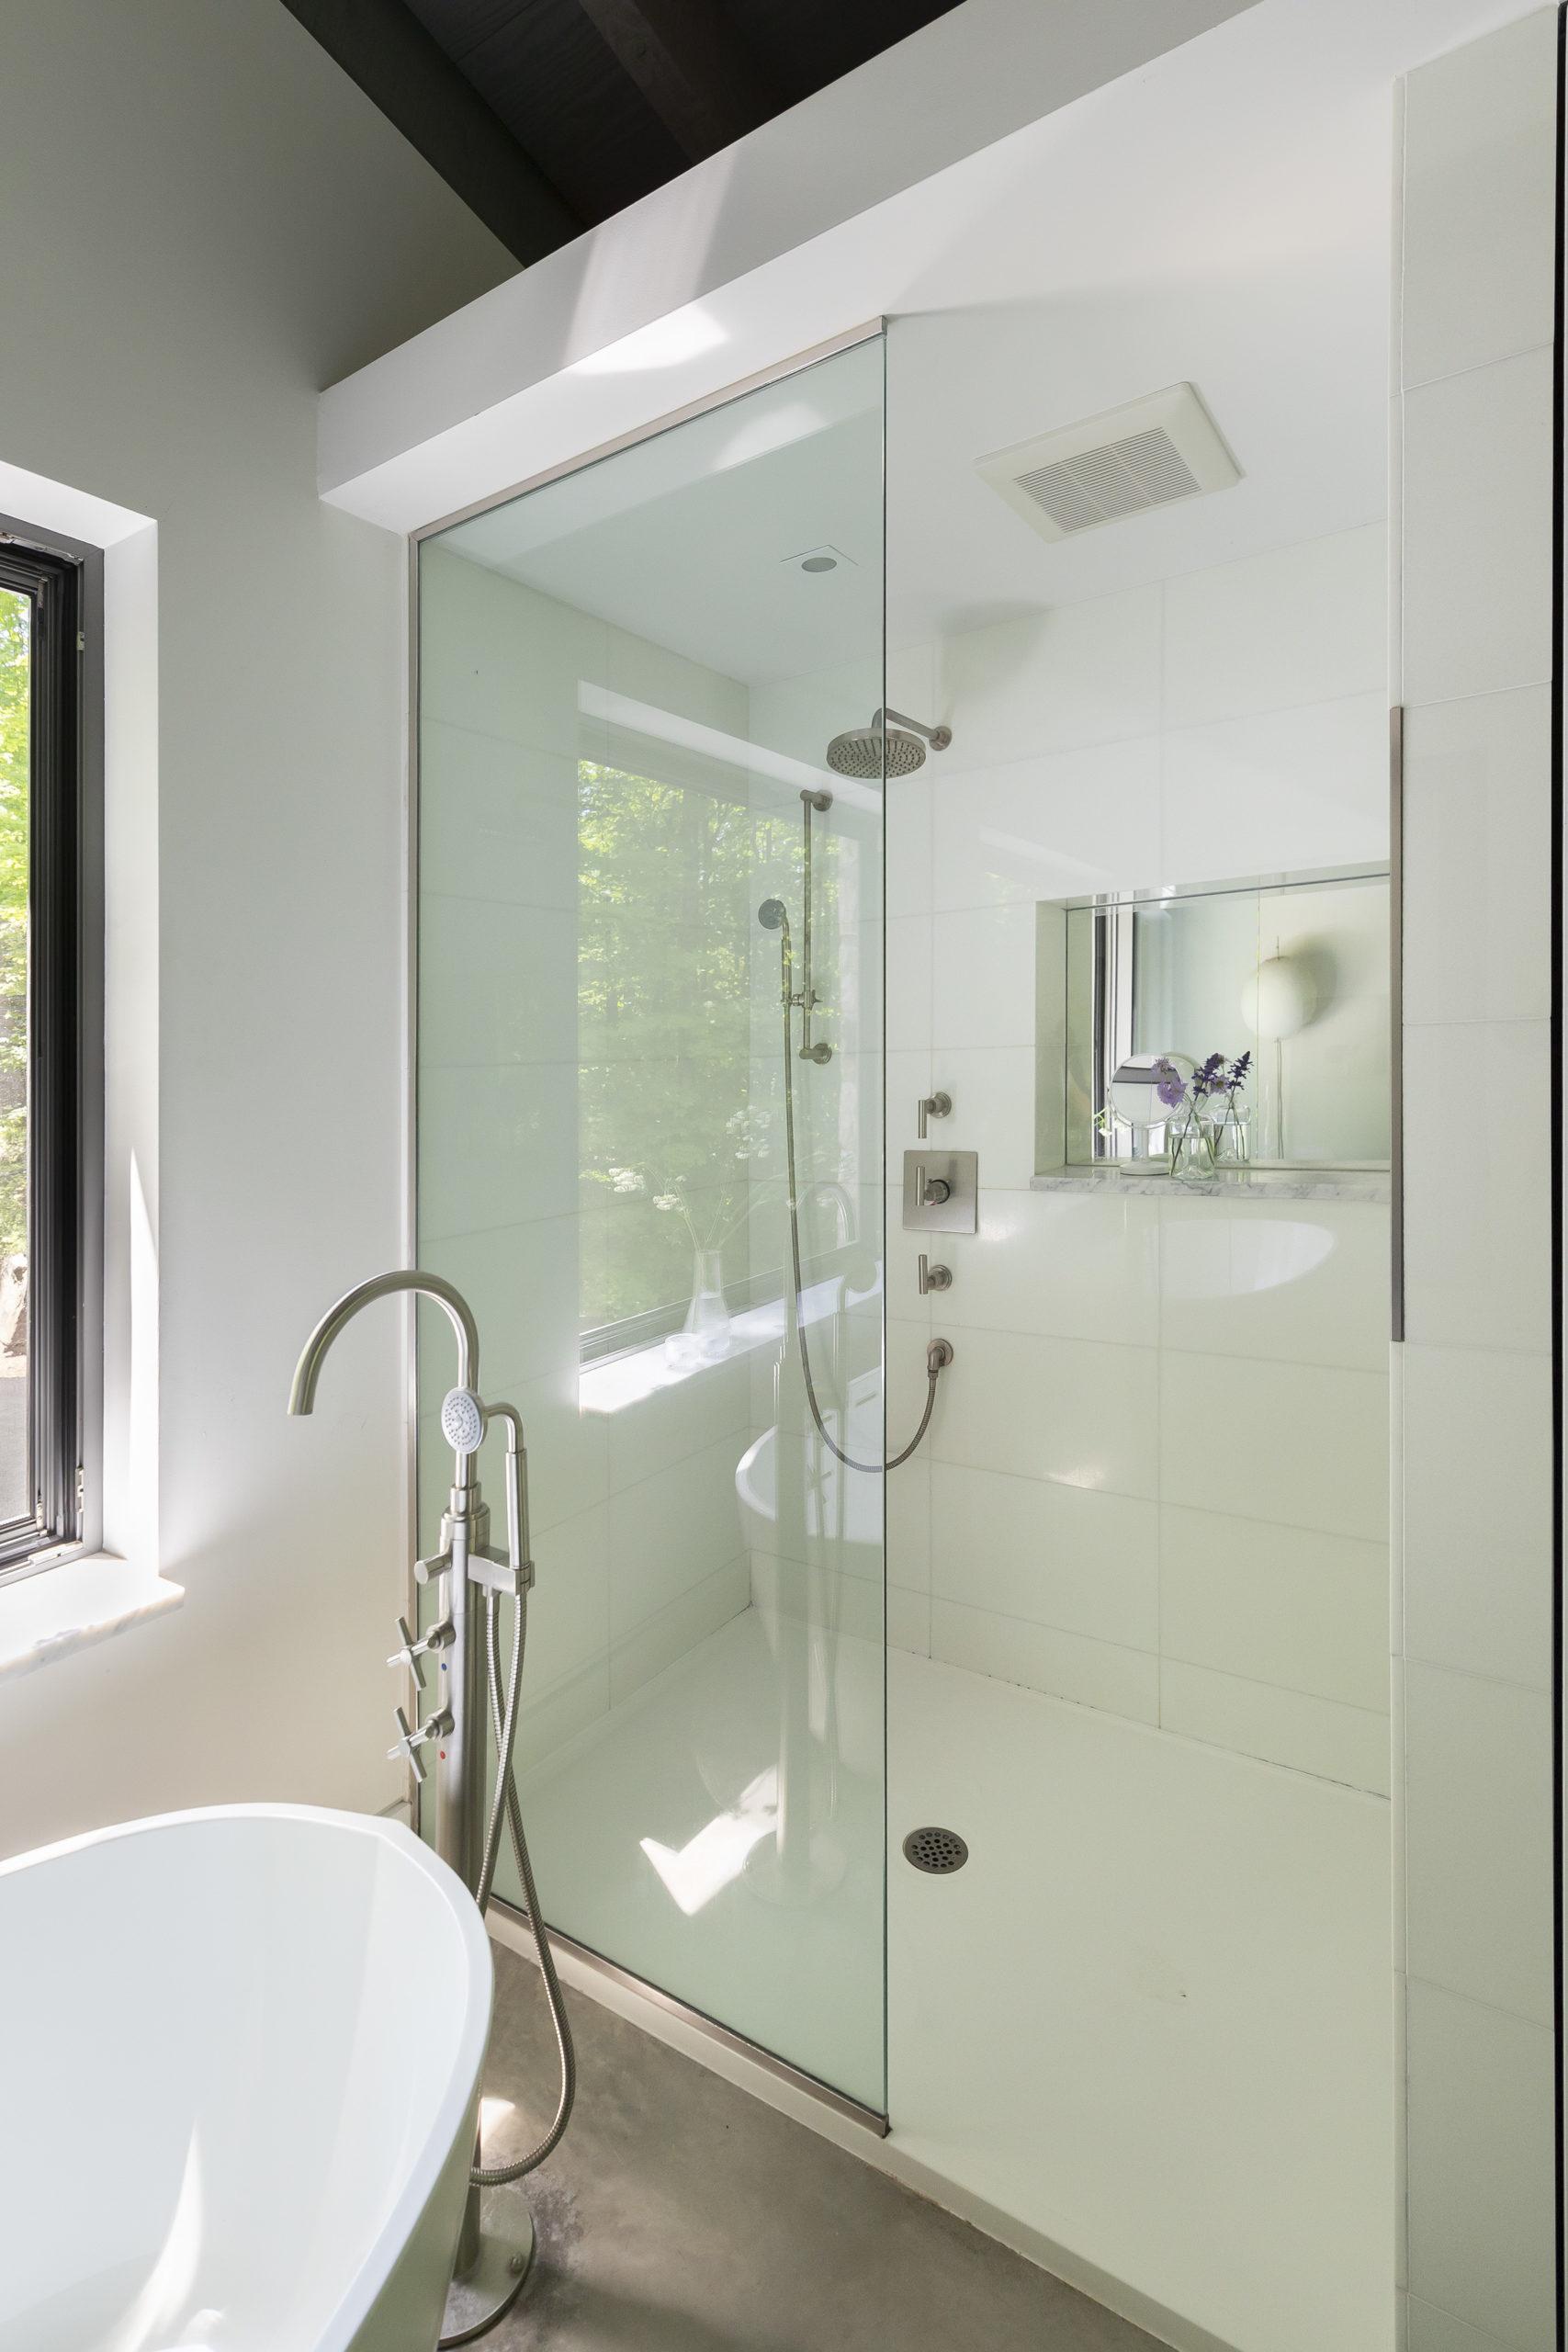 Bathroom Salle De Bain inspirations, projets de rénovation de cuisines et salles de